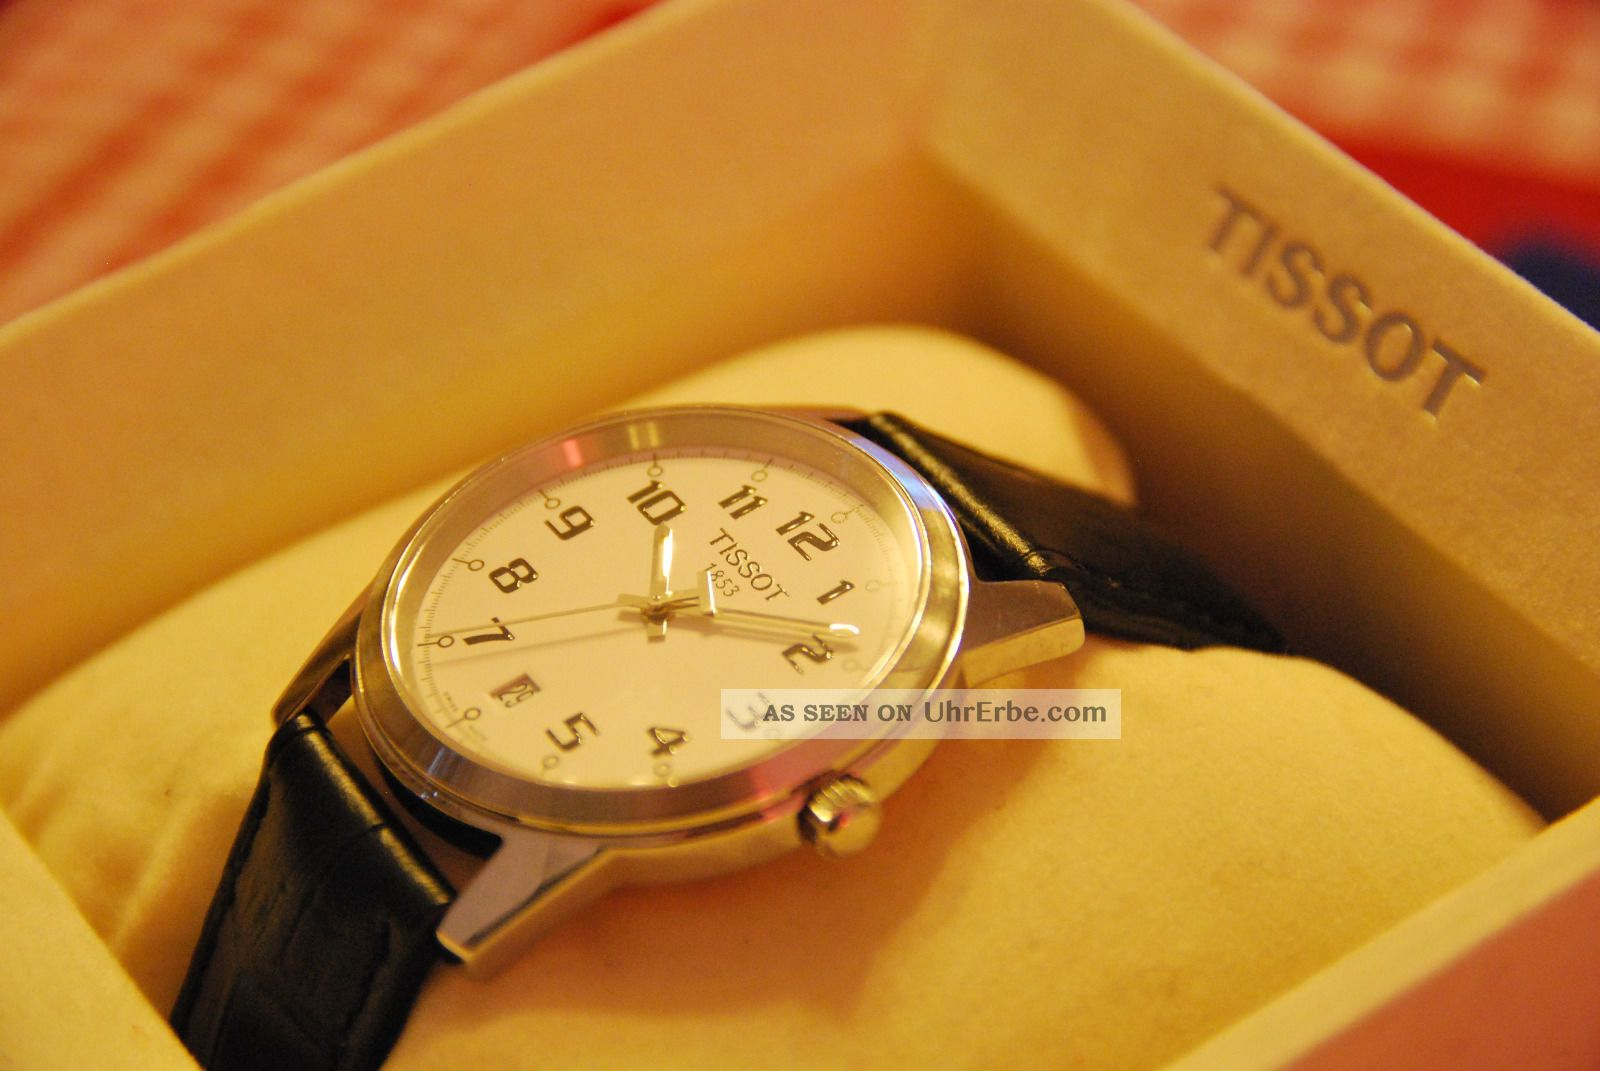 Tissot Herrenuhr Ellegance Kaliber 38 Armbanduhren Bild